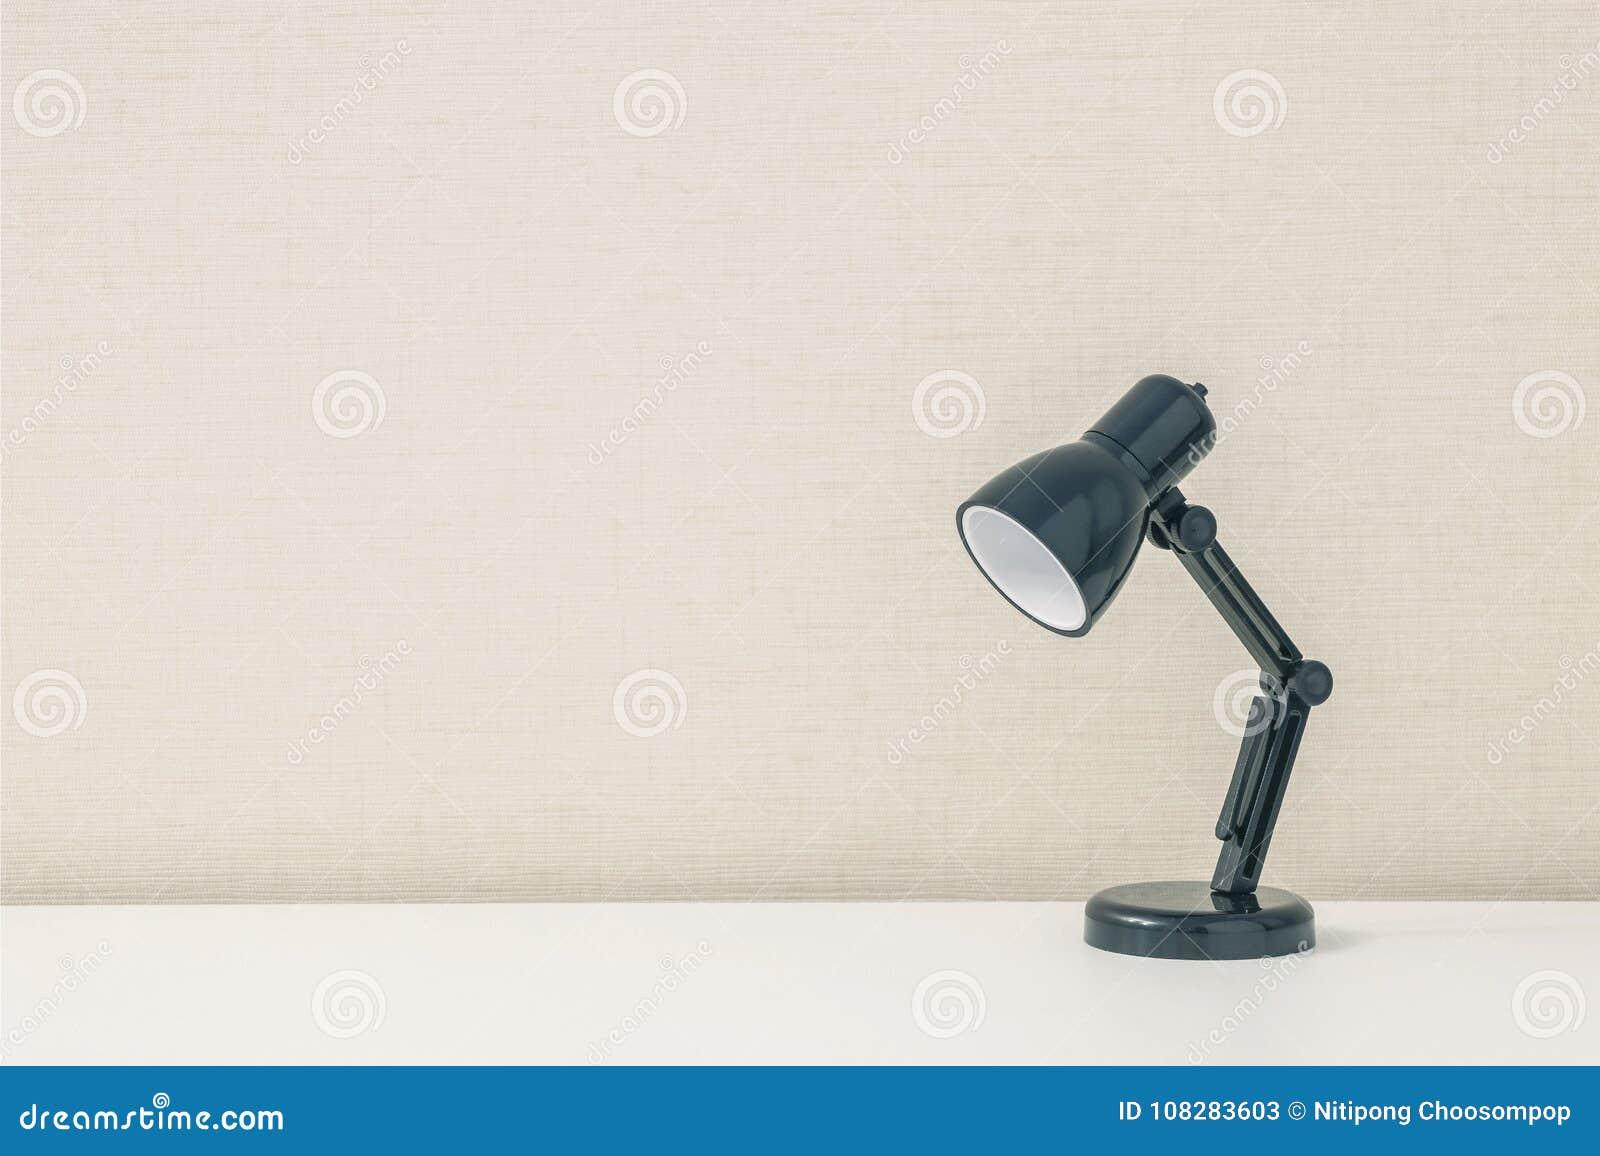 Lampe Bureau Bois Blanc : Lampe de bureau design articulée tony blanche en métal et bois